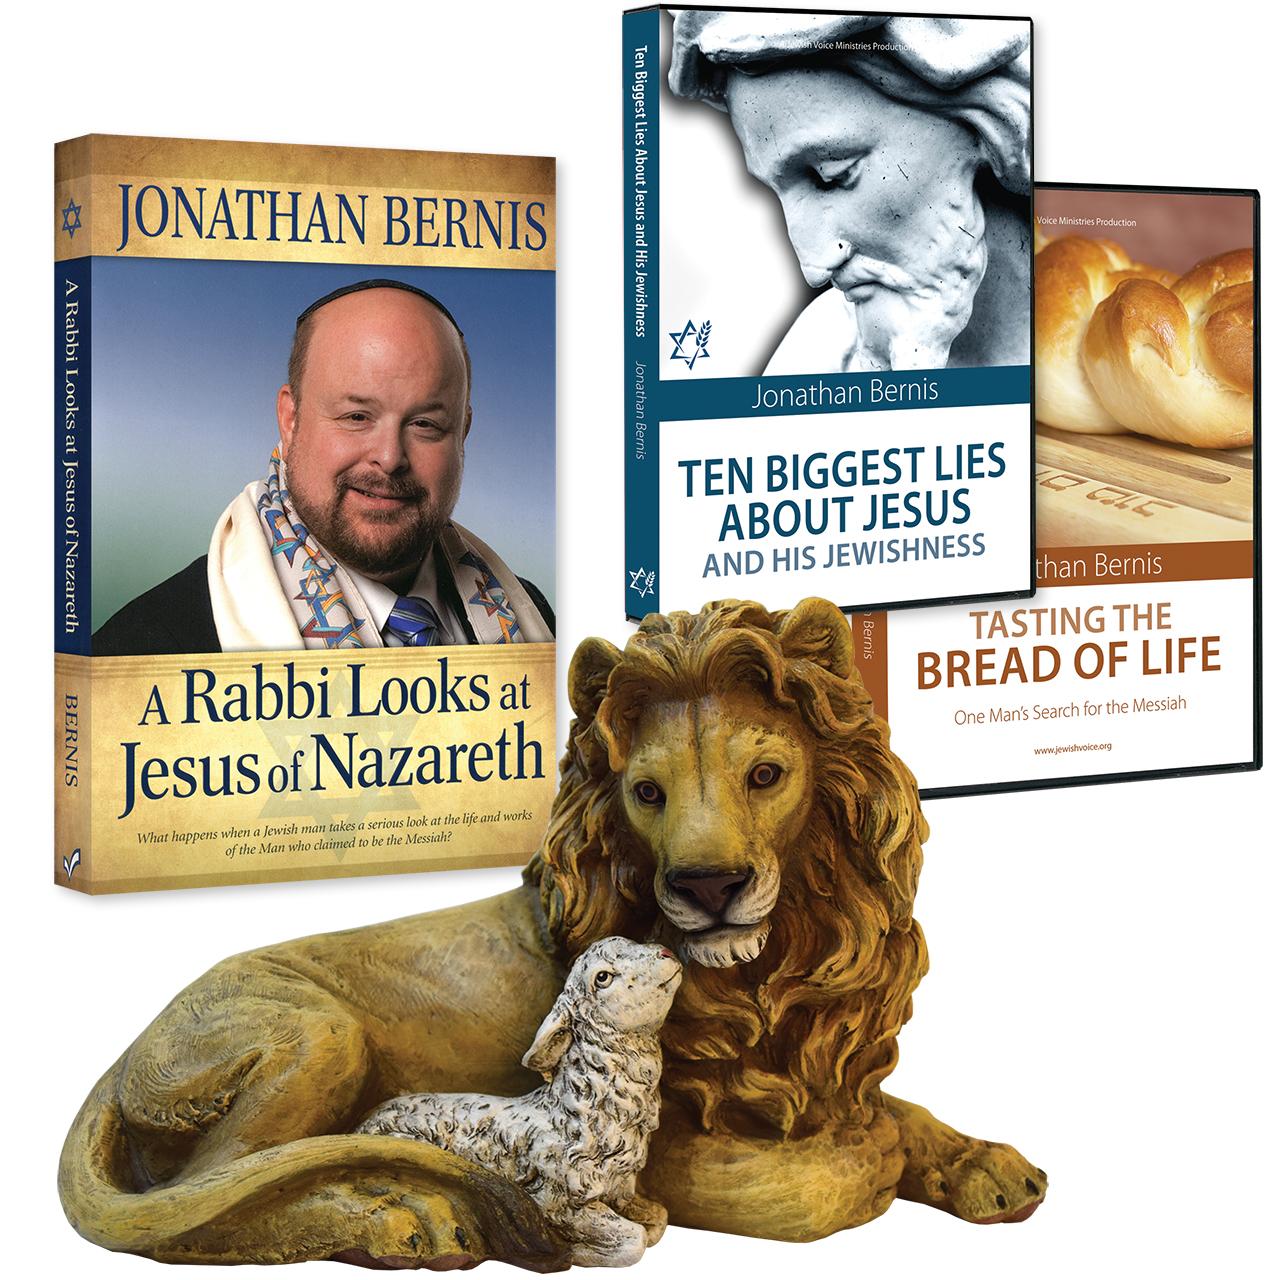 A Rabbi Looks, 10 Biggest Lies, Tasting the Bread CD, & Lion & Lamb Figurine